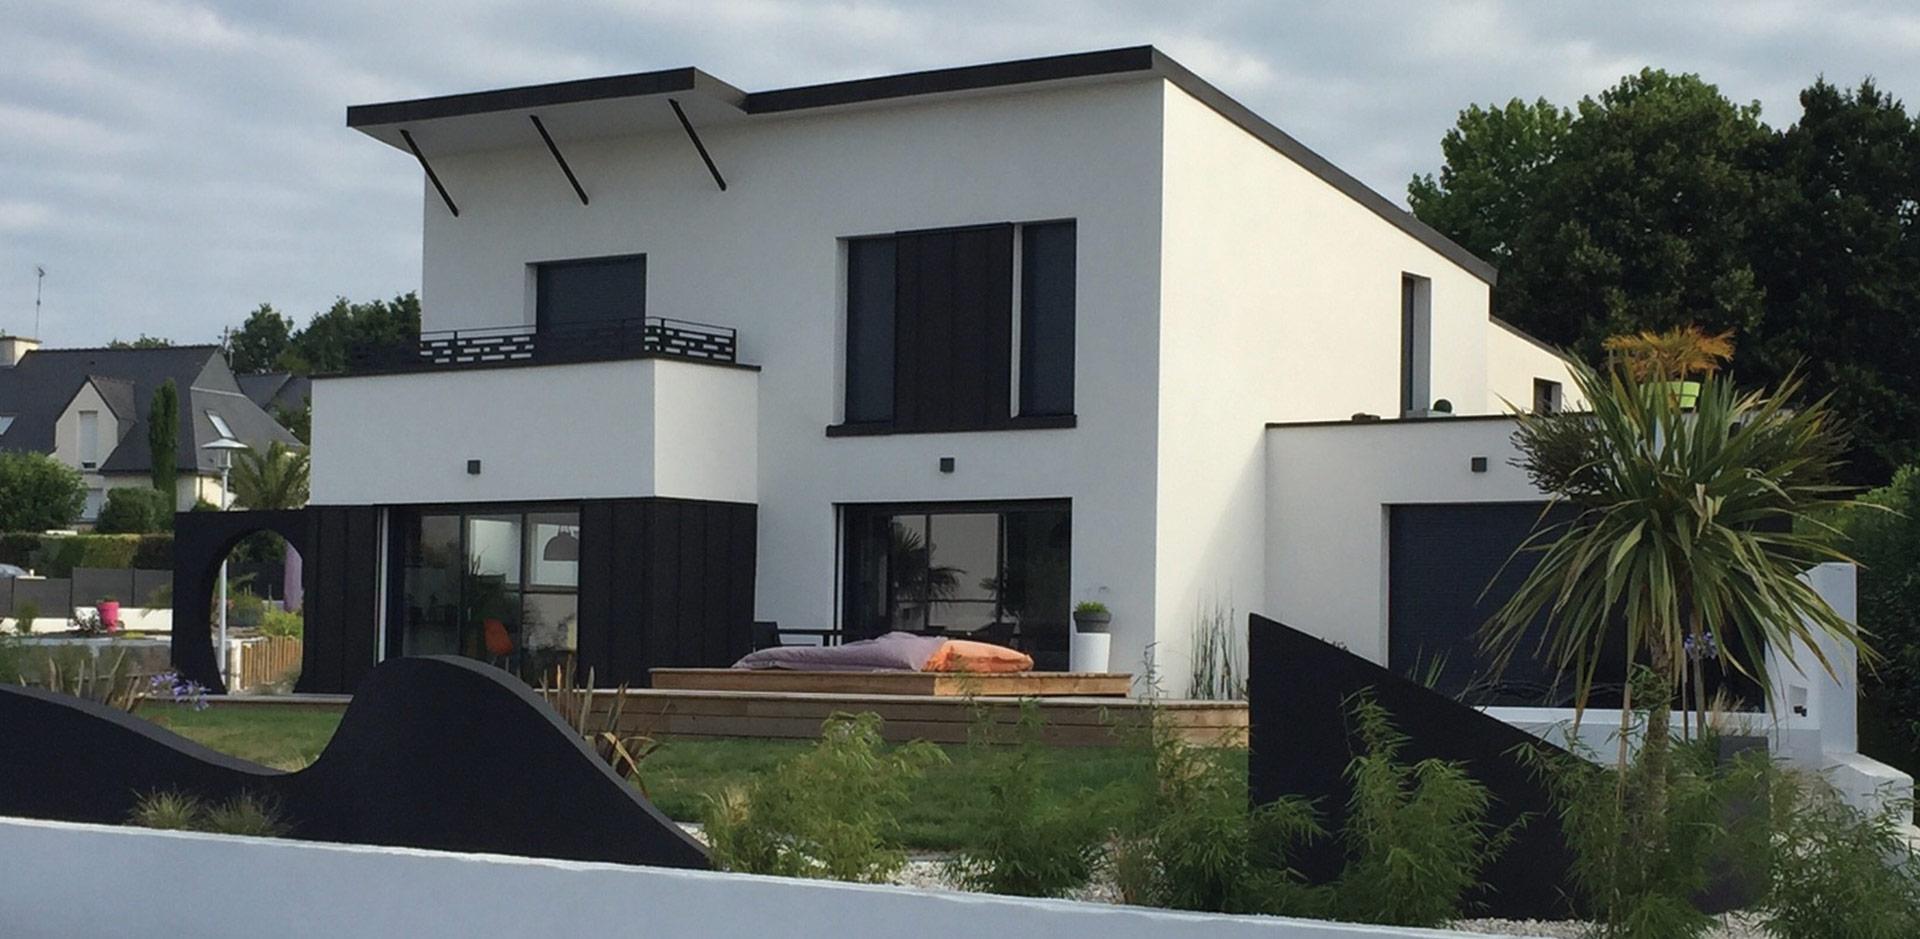 100 Fantastique Suggestions Meilleur Constructeur Maison Morbihan